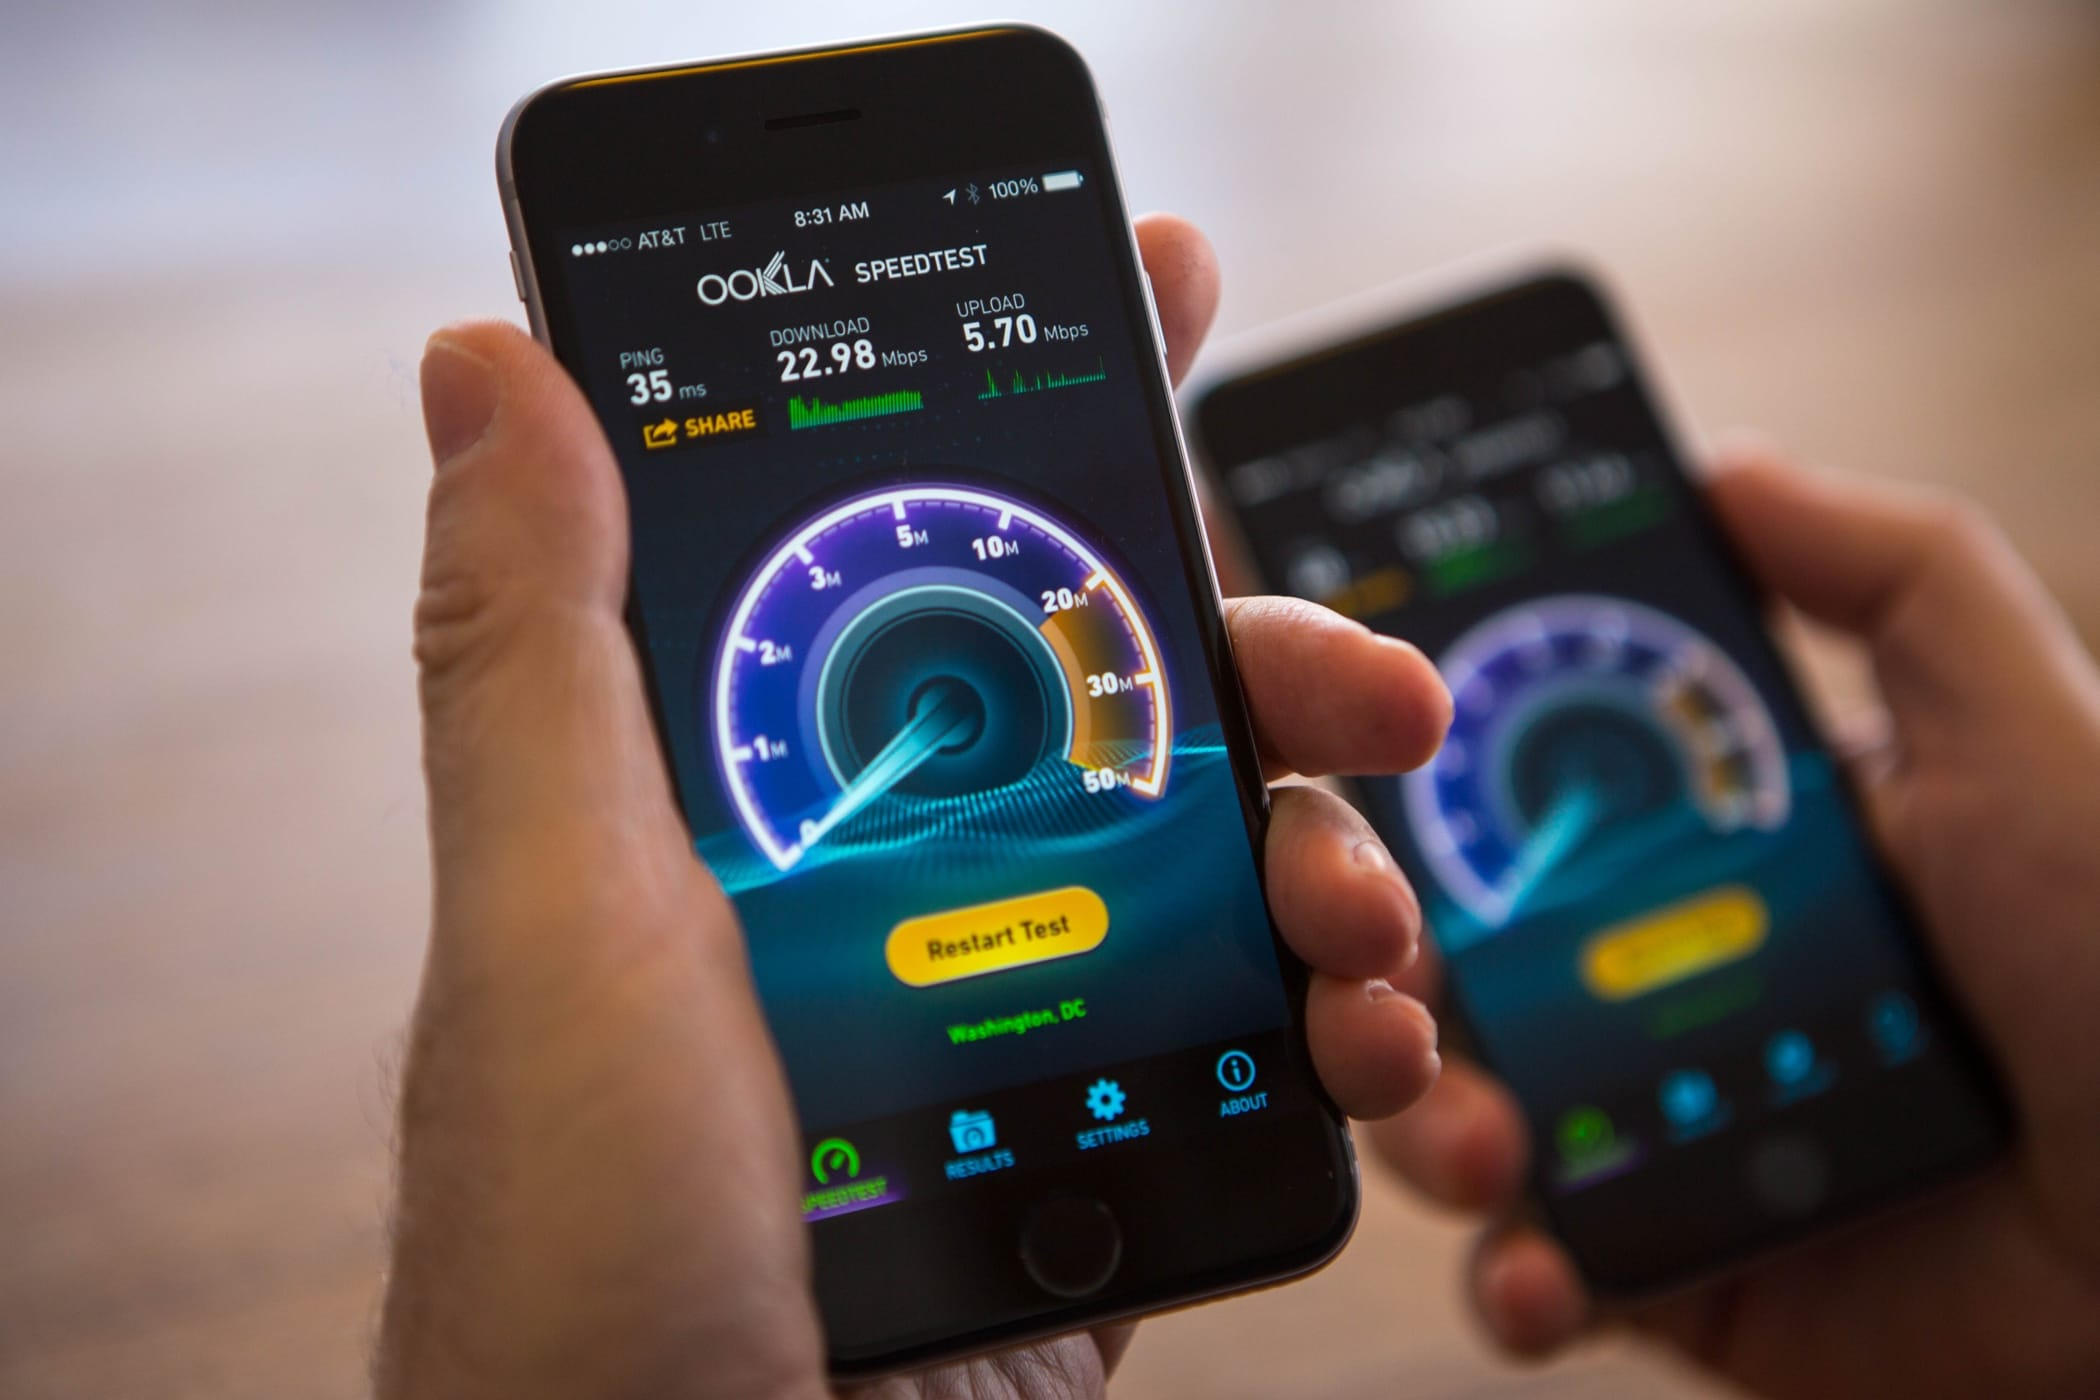 Названы худшие мобильные операторы покачеству связи в столицеРФ